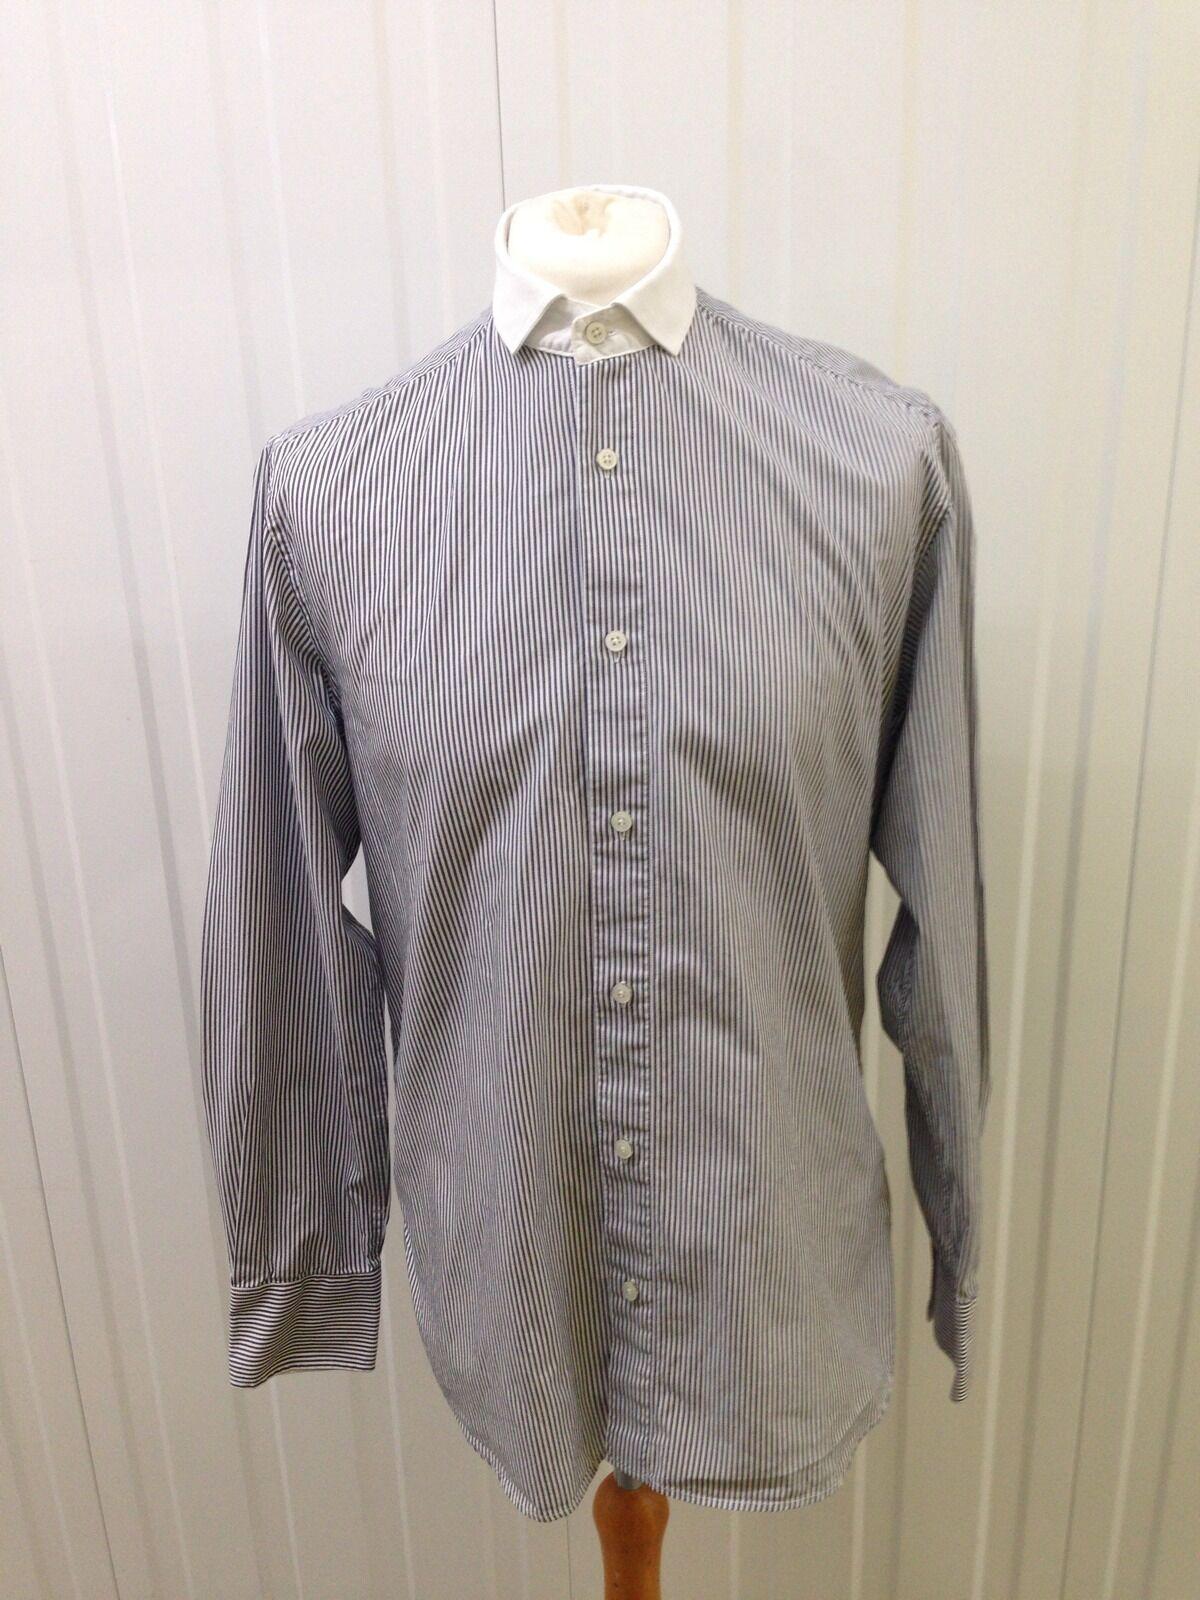 Mens Henri Lloyd Shirt - Large - Great Condition    Verrückter Preis, Birmingham    Deutschland Shops    Schönes Aussehen